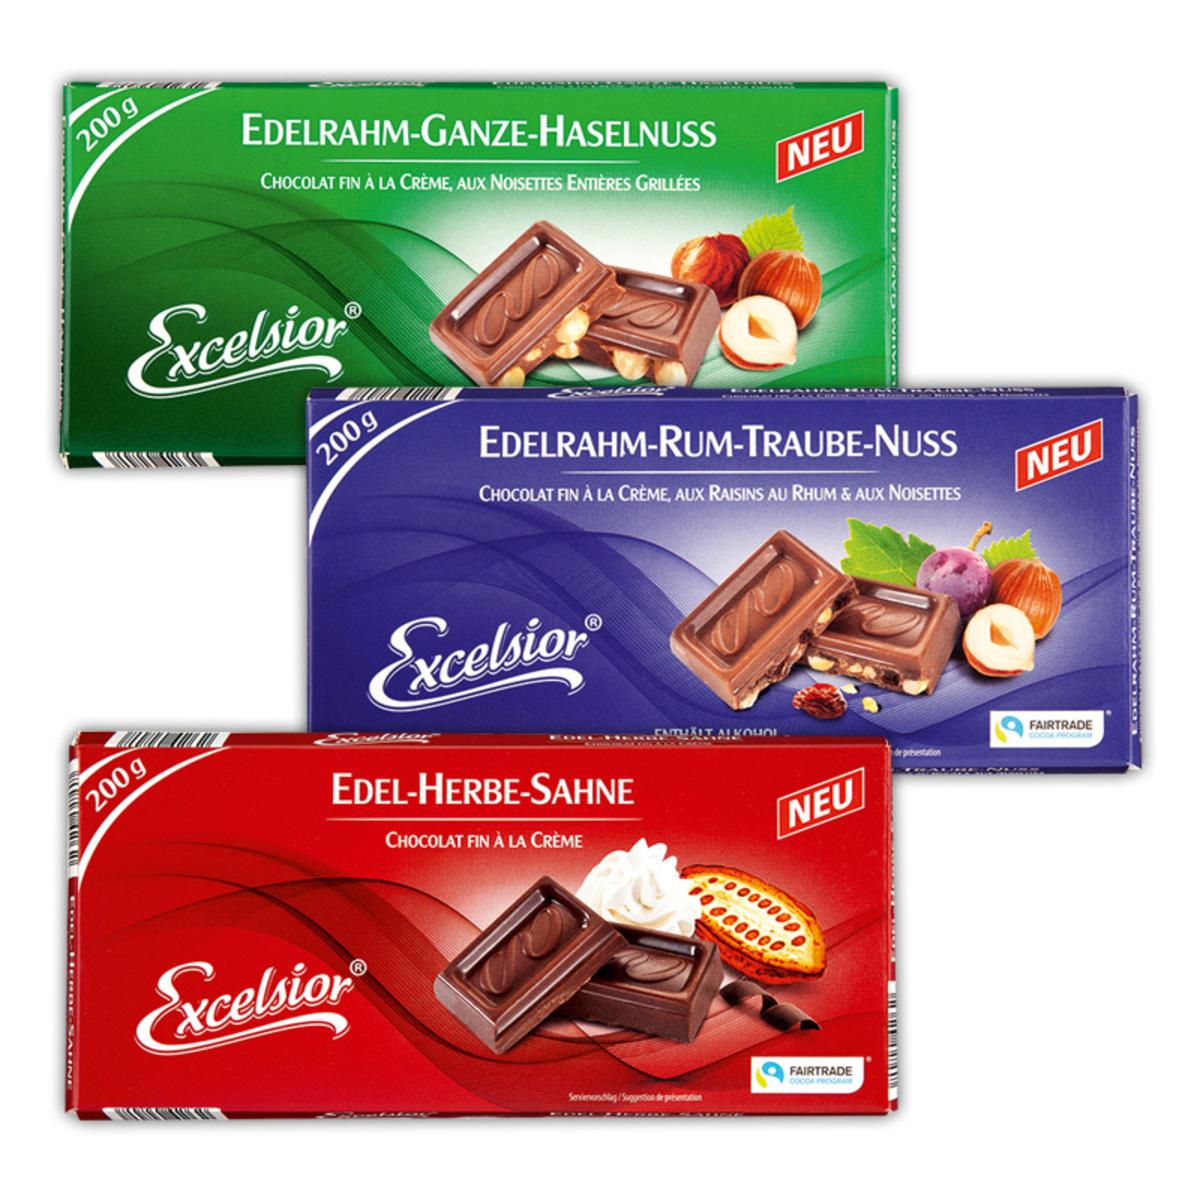 Bild 1 von Excelsior Edel-Nuss Schokolade